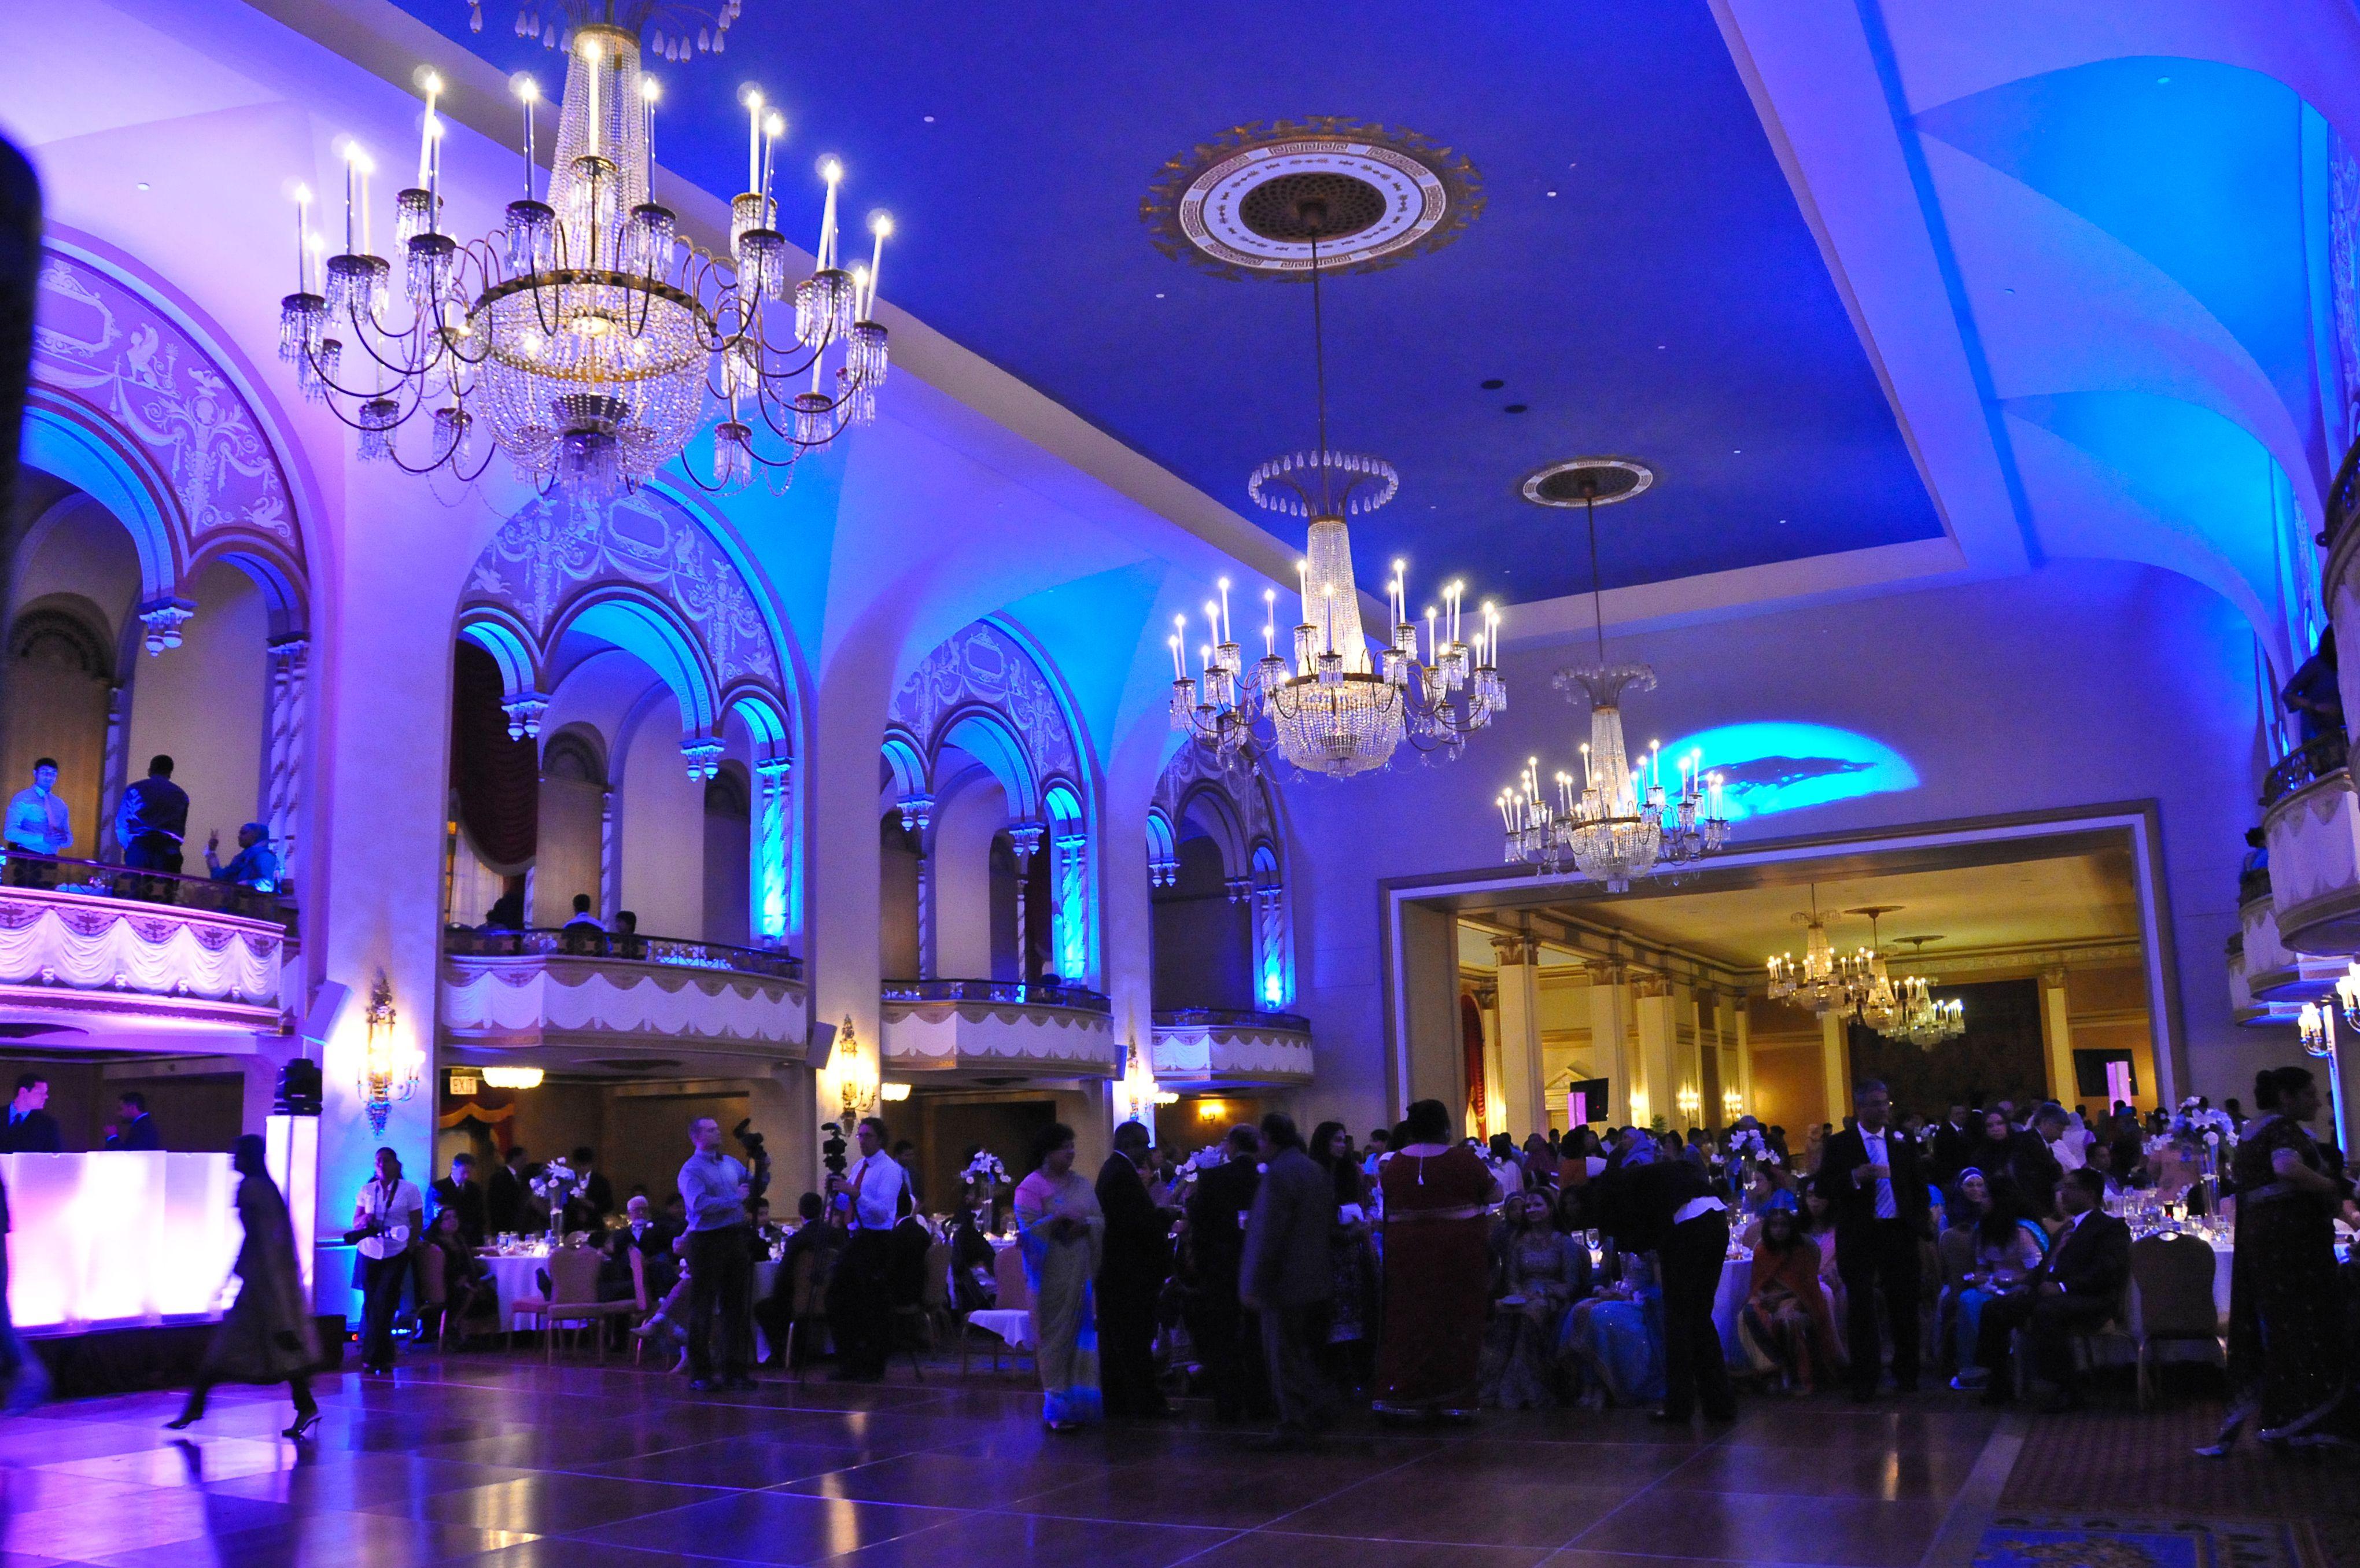 Blue uplighting for a wedding reception by DeeJay Bunty